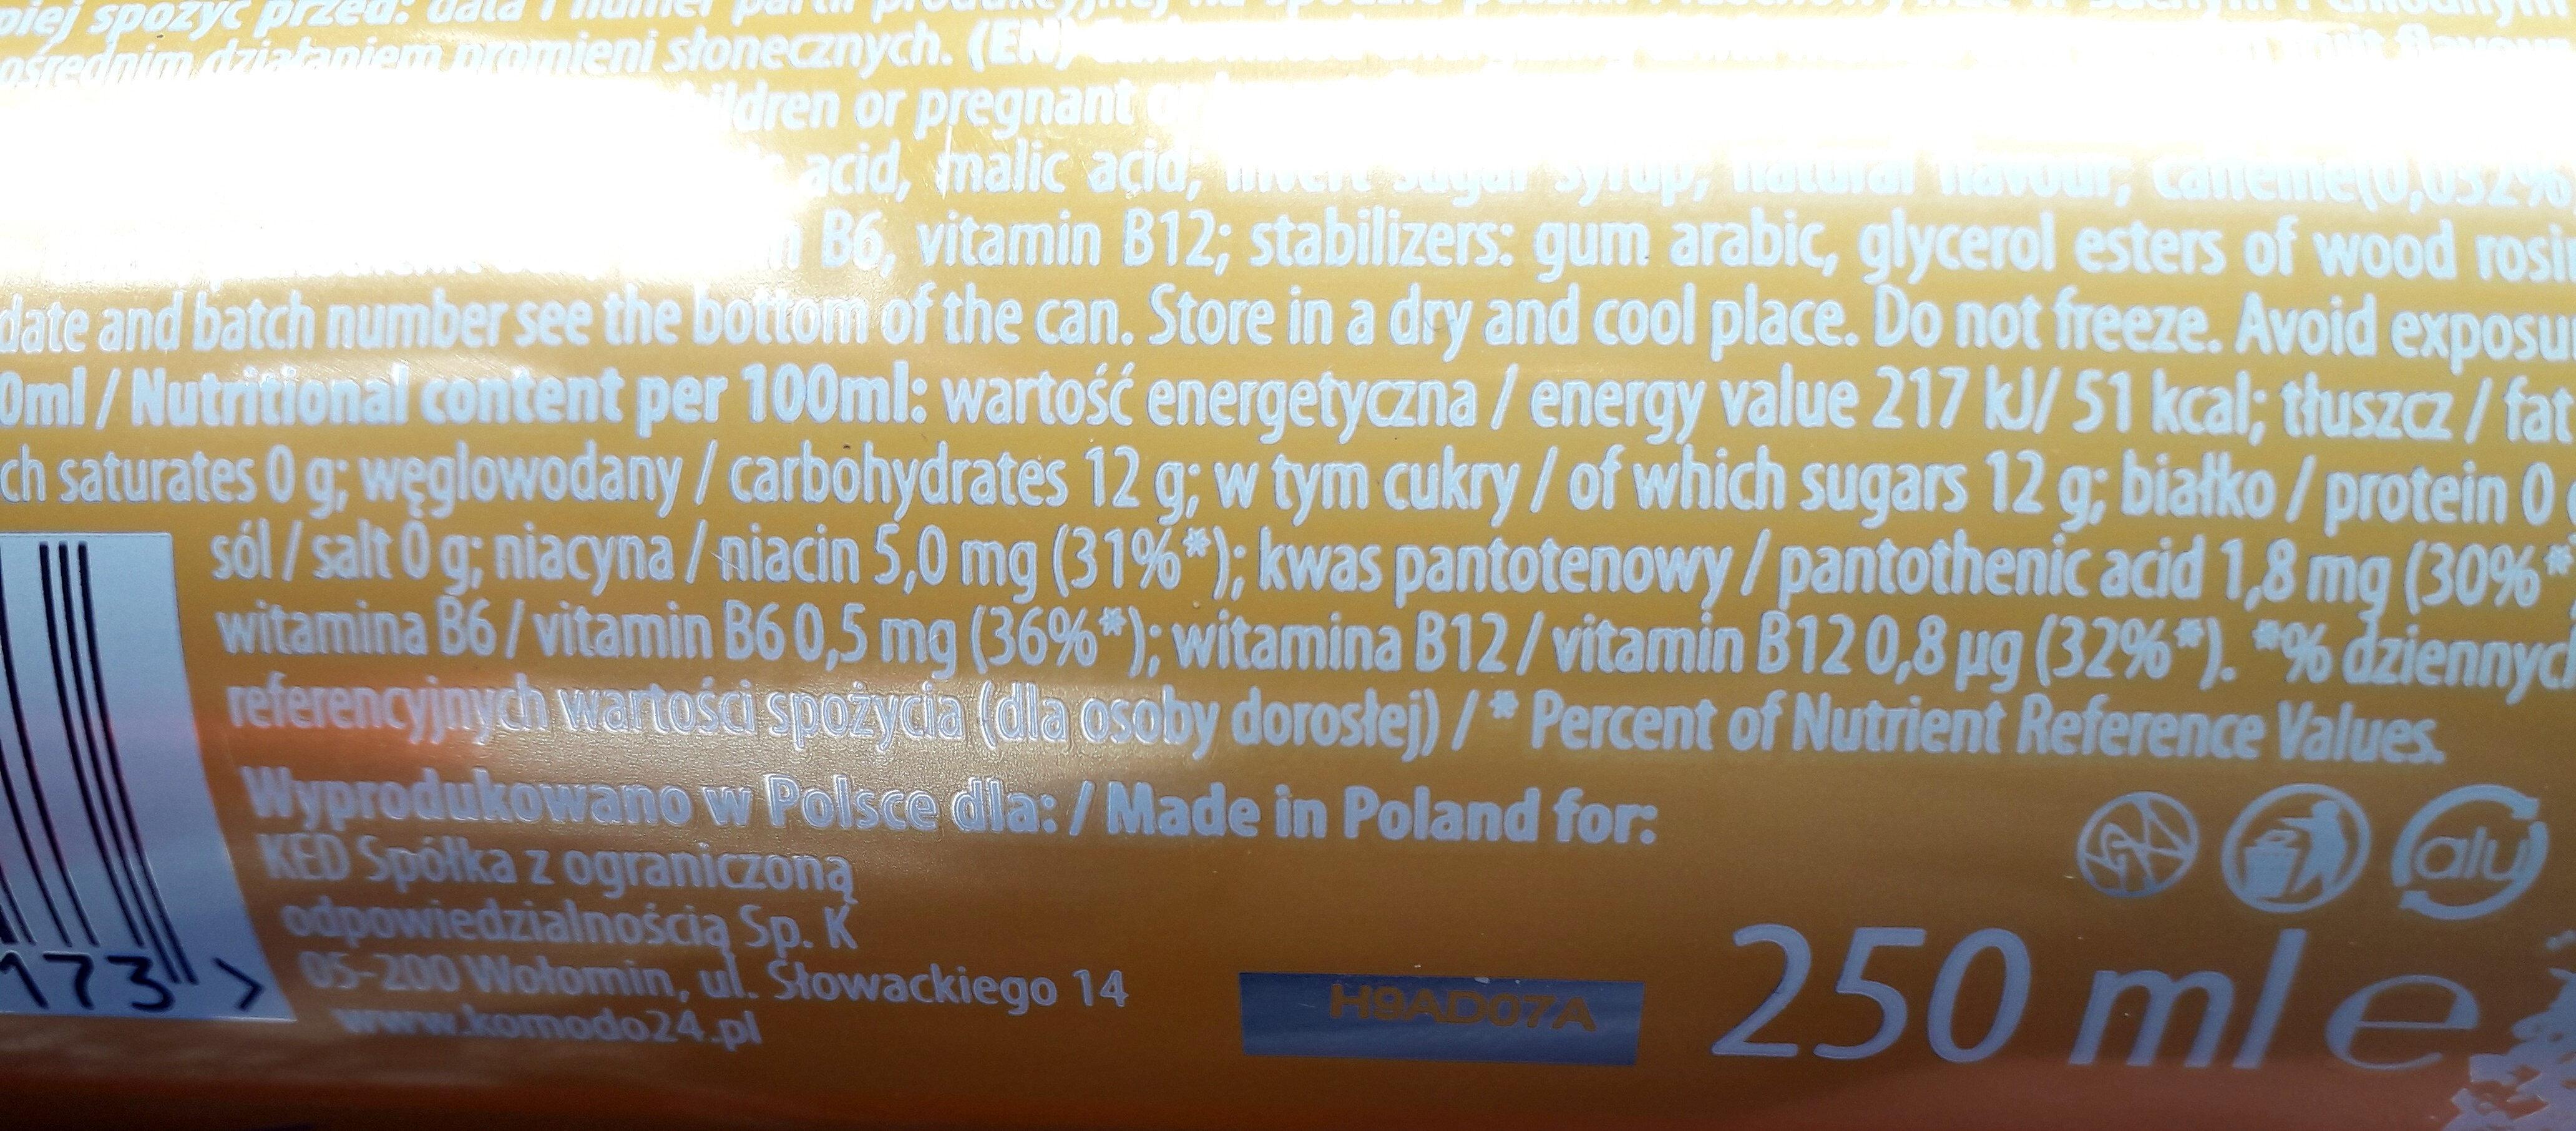 Gazowany napój energetyczny o smaku mango i marakui wzbogacony witaminami. - Nährwertangaben - pl